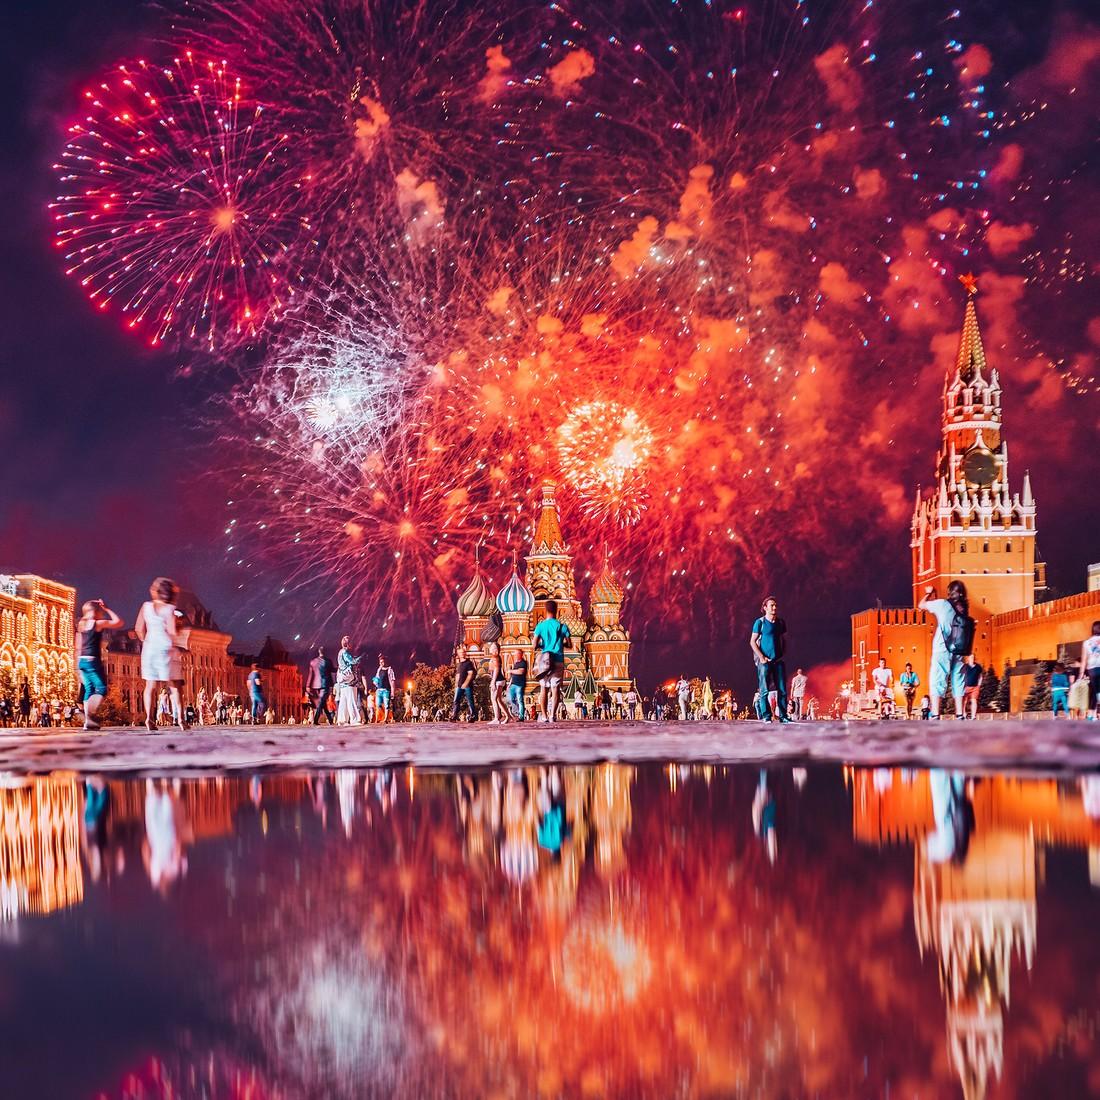 Нью-Йорк, Лондон, Москва - самые популярные у туристов города в Instagram